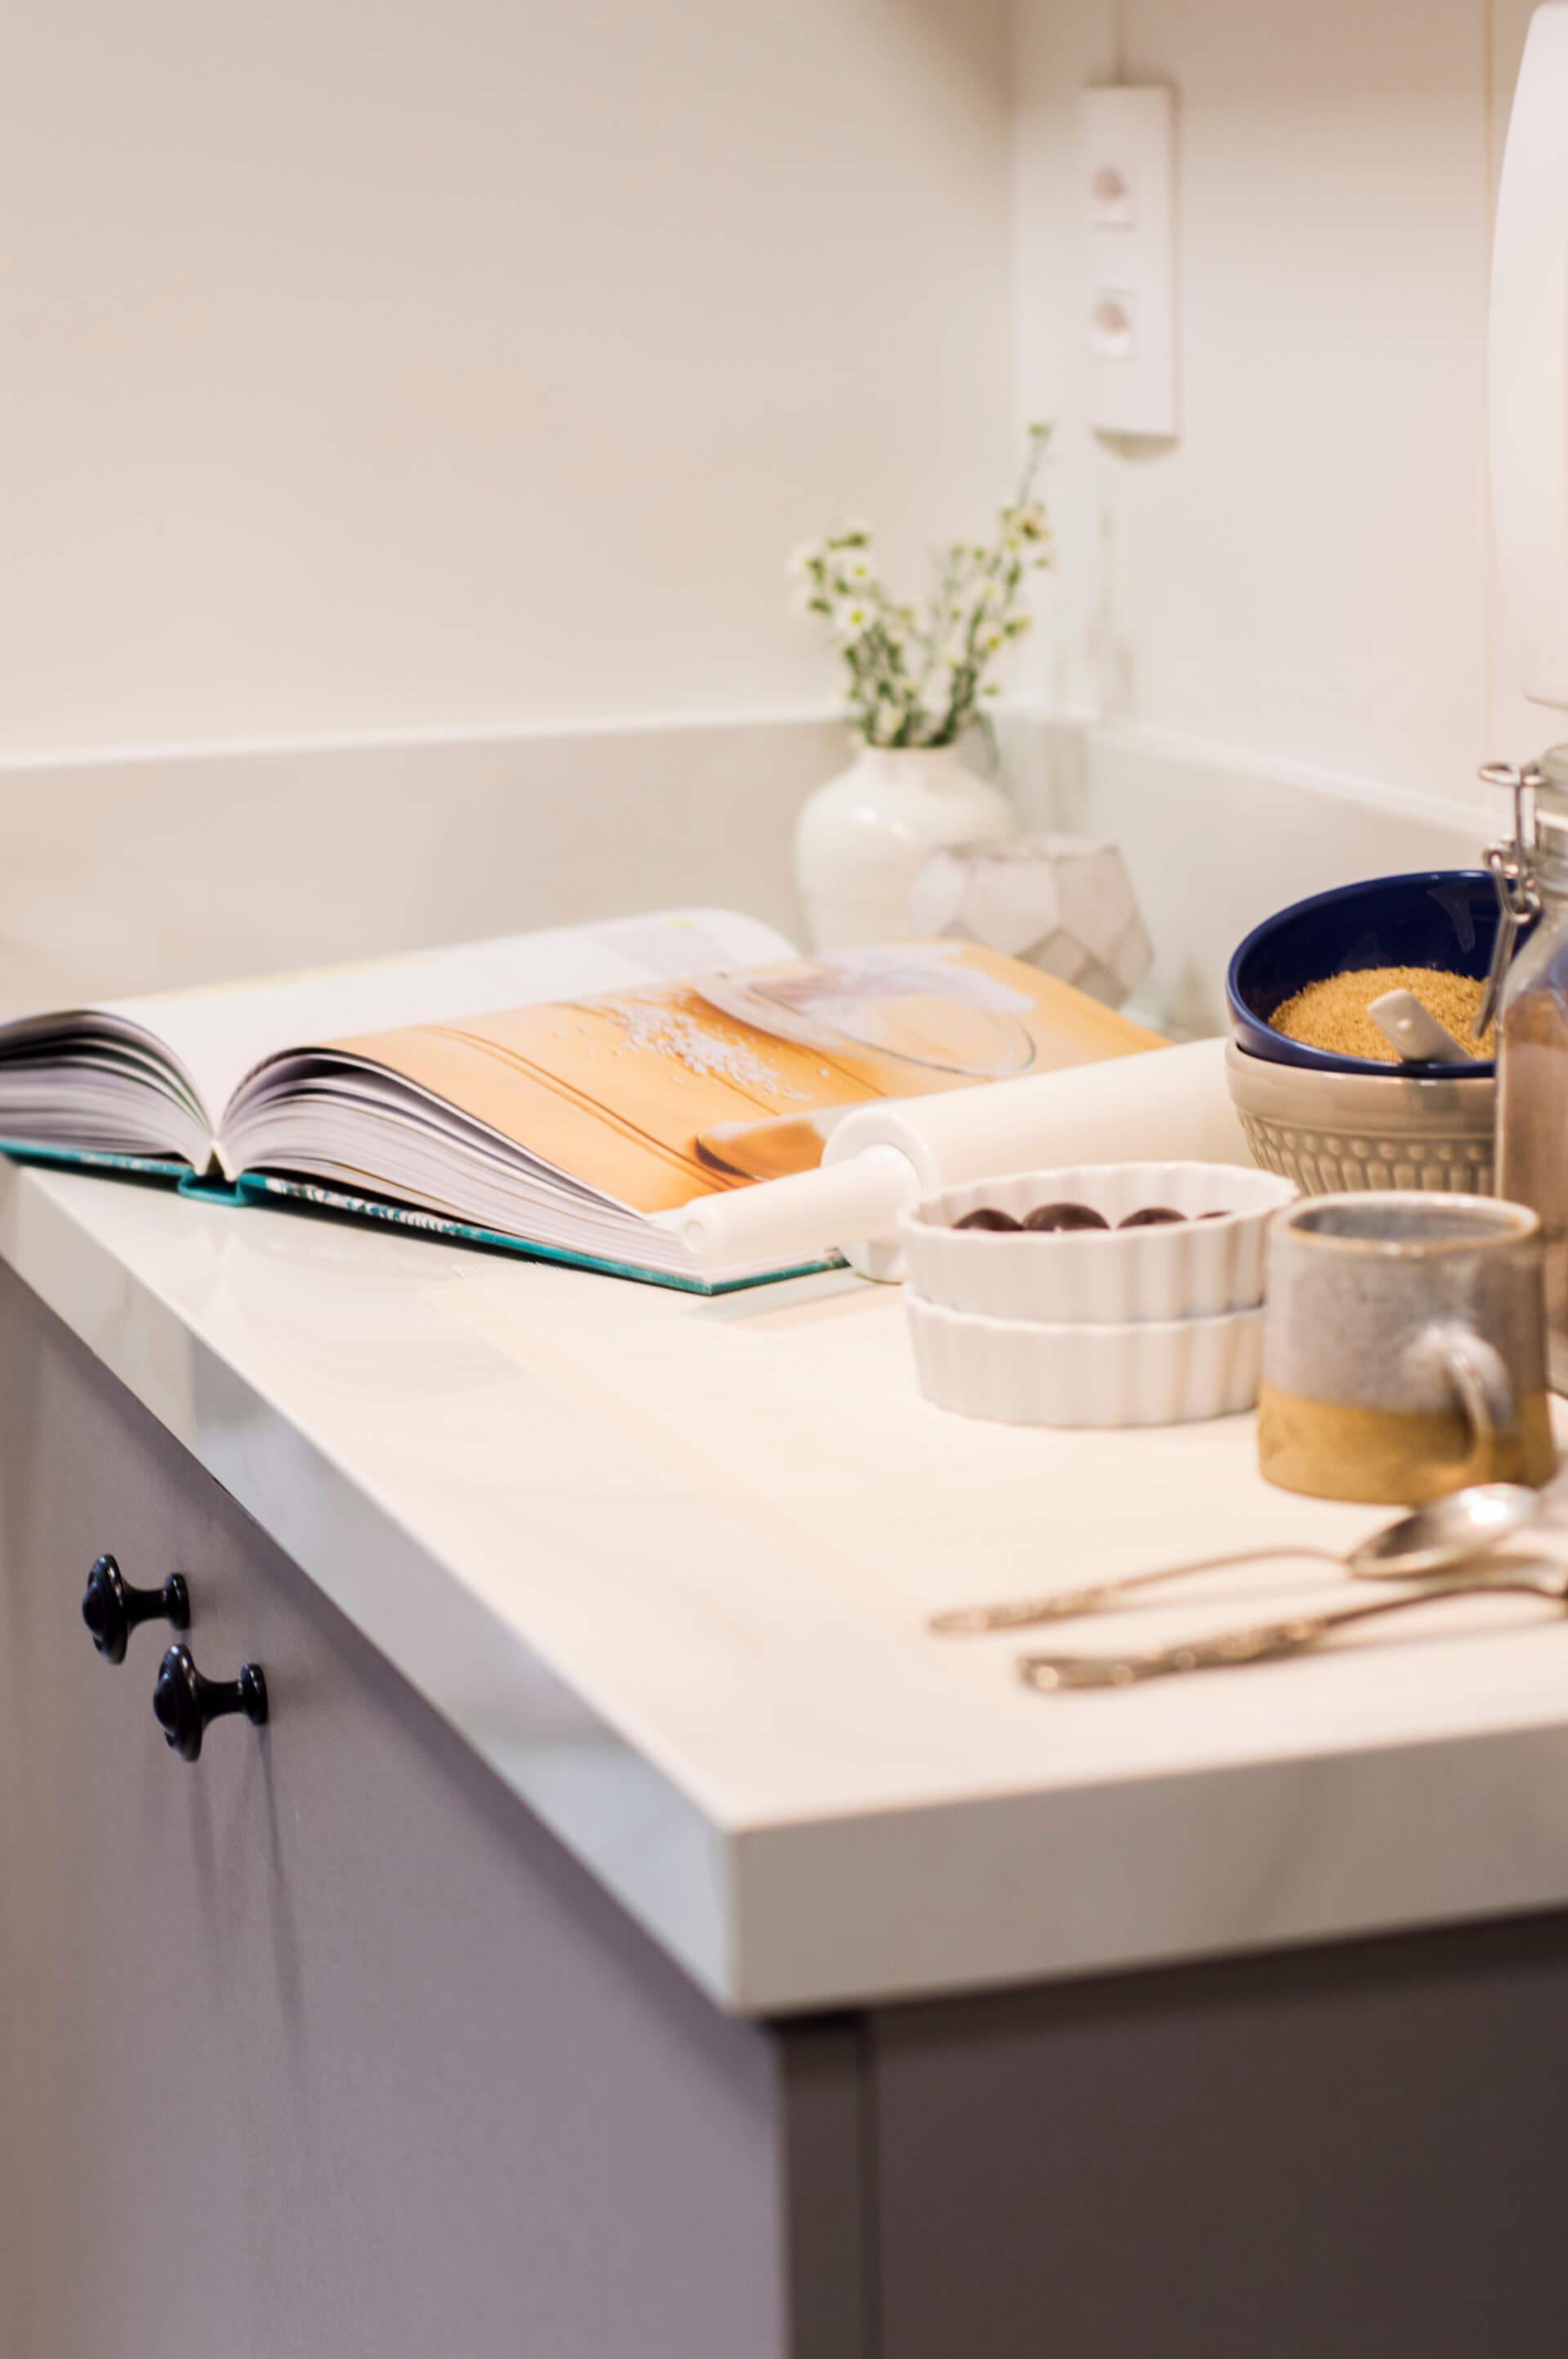 Imagem: Use objetos que te despertem memórias afetivas que você gostaria de ter ao preparar um cafezinho. Projeto: Arquiteca Projetos Afetivos. Foto: Nadya Costa.